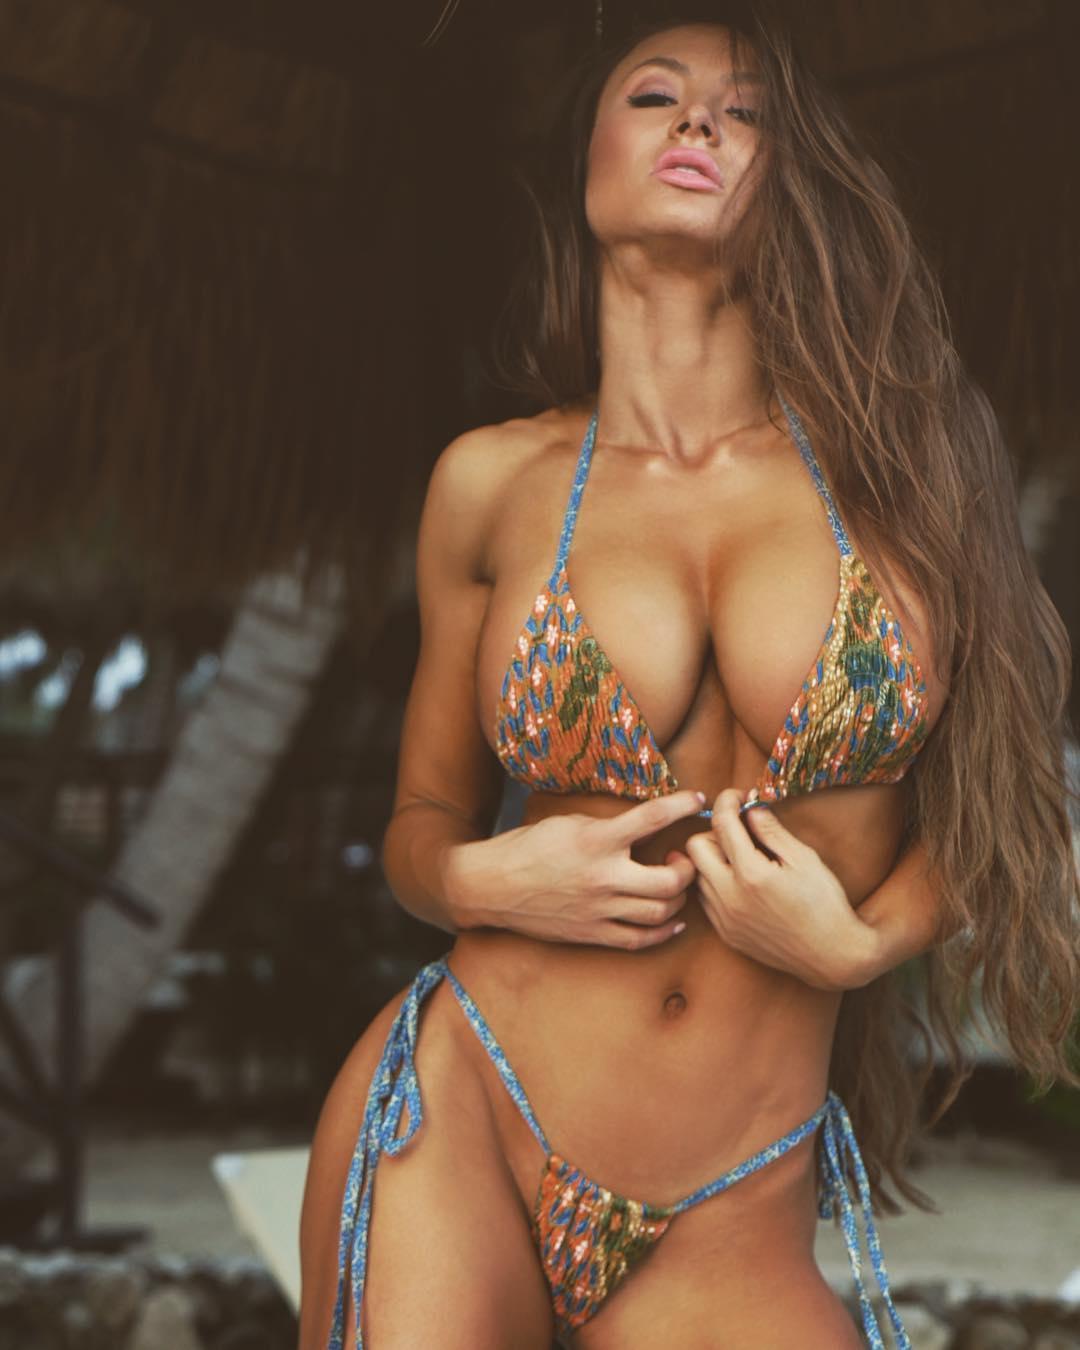 Elizabeth alderfer naked